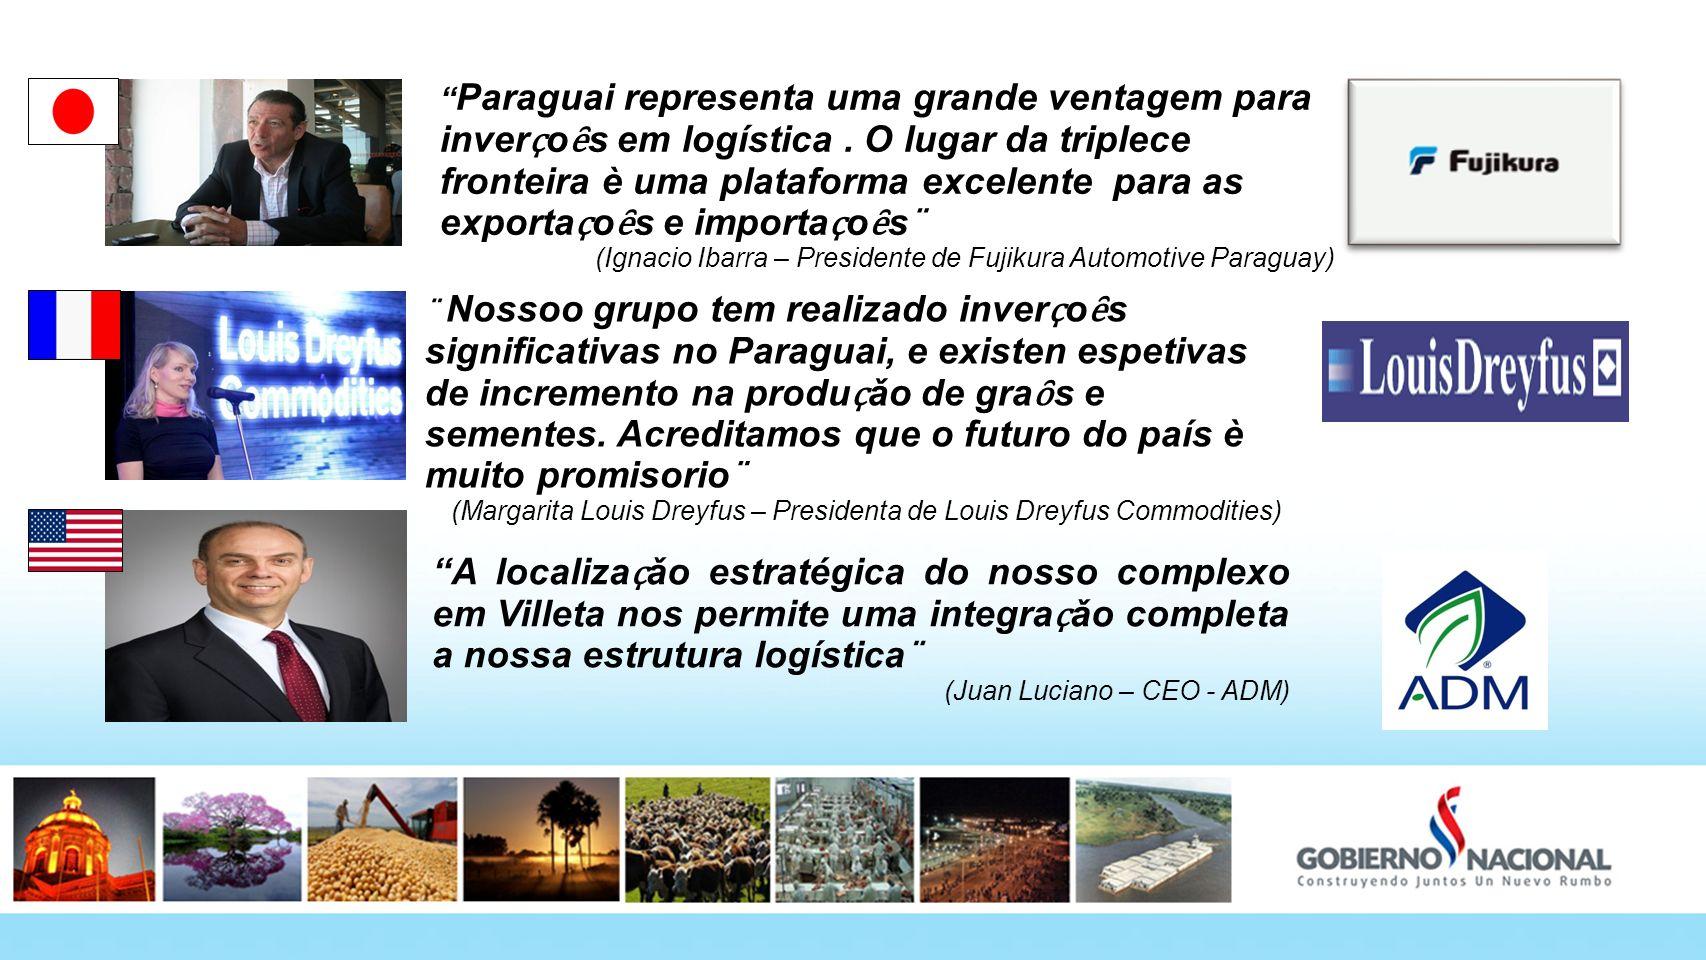 Paraguai representa uma grande ventagem para inver ҫ o ȇ s em logística. O lugar da triplece fronteira è uma plataforma excelente para as exporta ҫ o